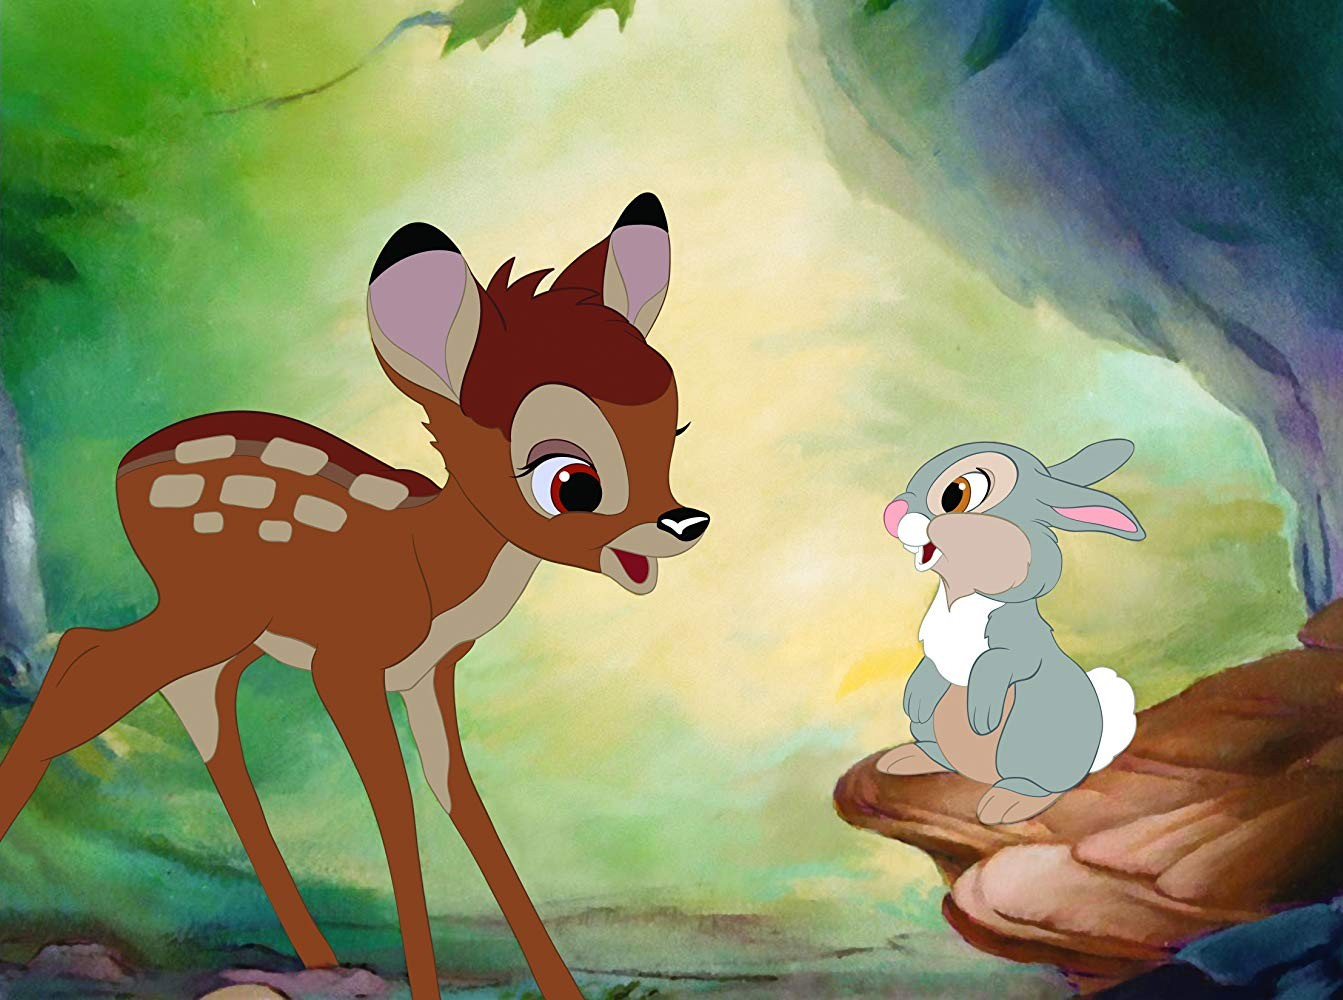 'Bambi' vai ganhar nova versão realista da Disney, diz revista